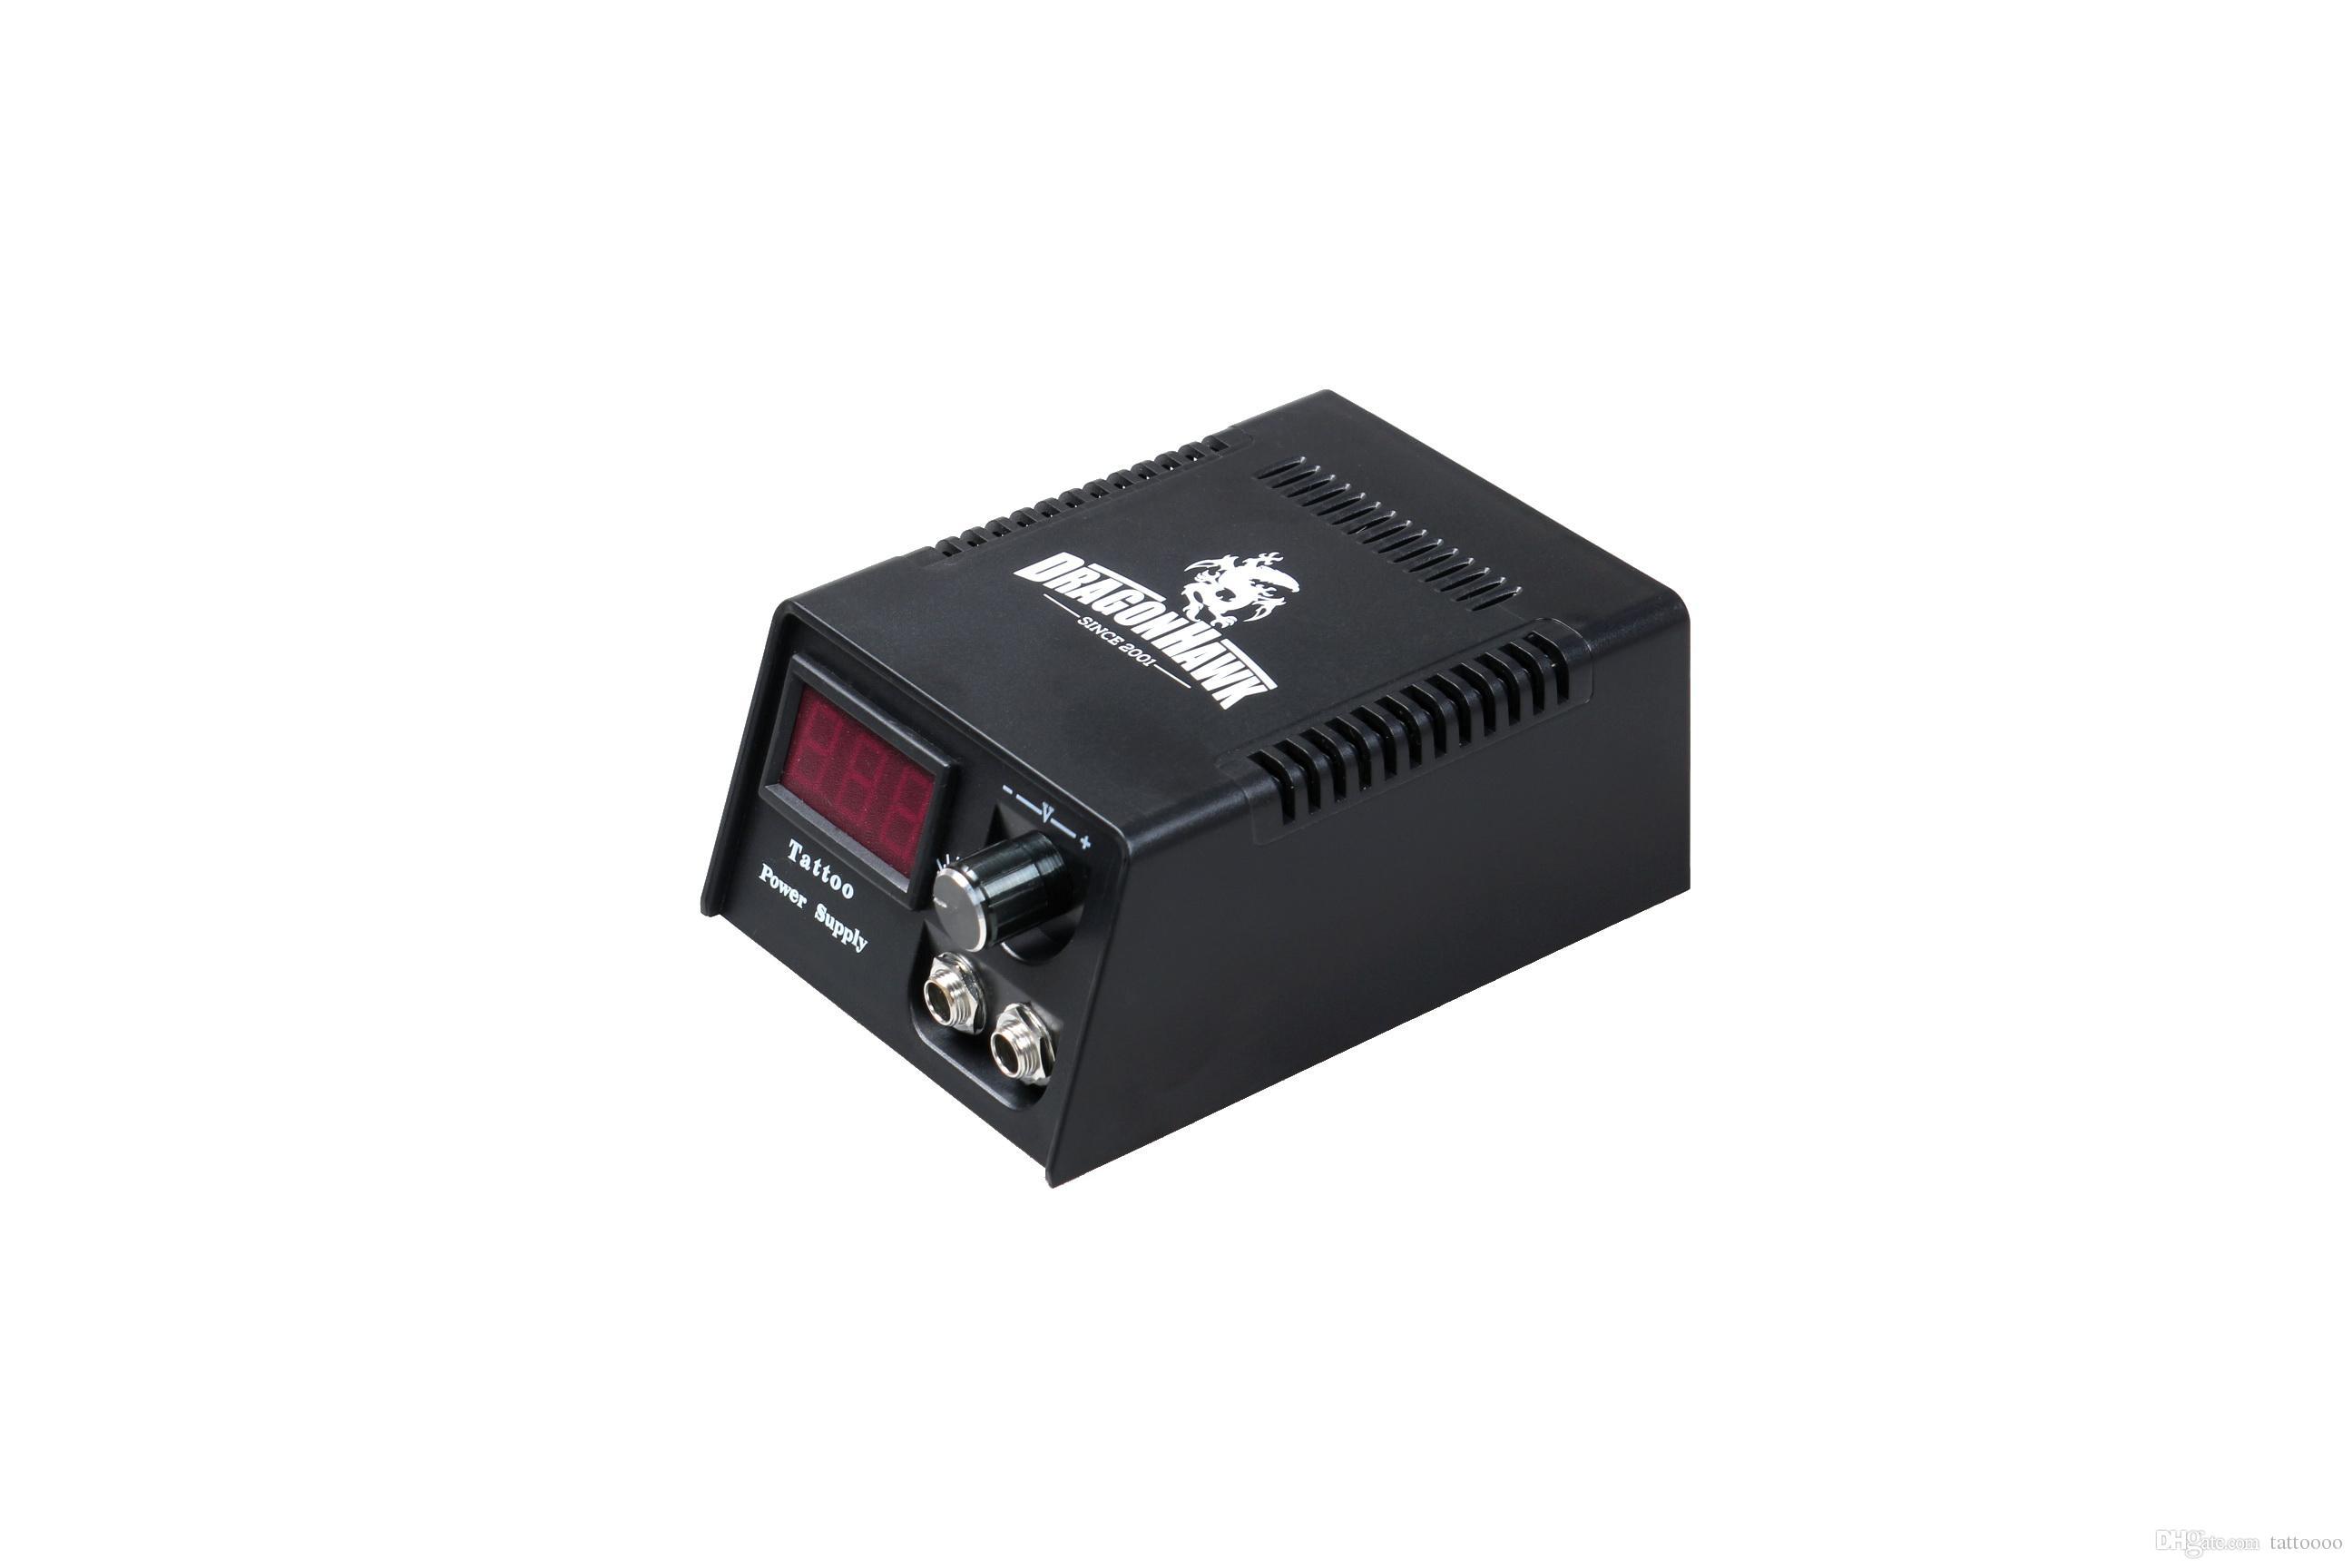 LCD 디지털 듀얼 머신 문신 전원 공급 장치 US 전원 플러그 A ++ 품질 키트 총 발 페달 클립 코드 TNT 무료 배송